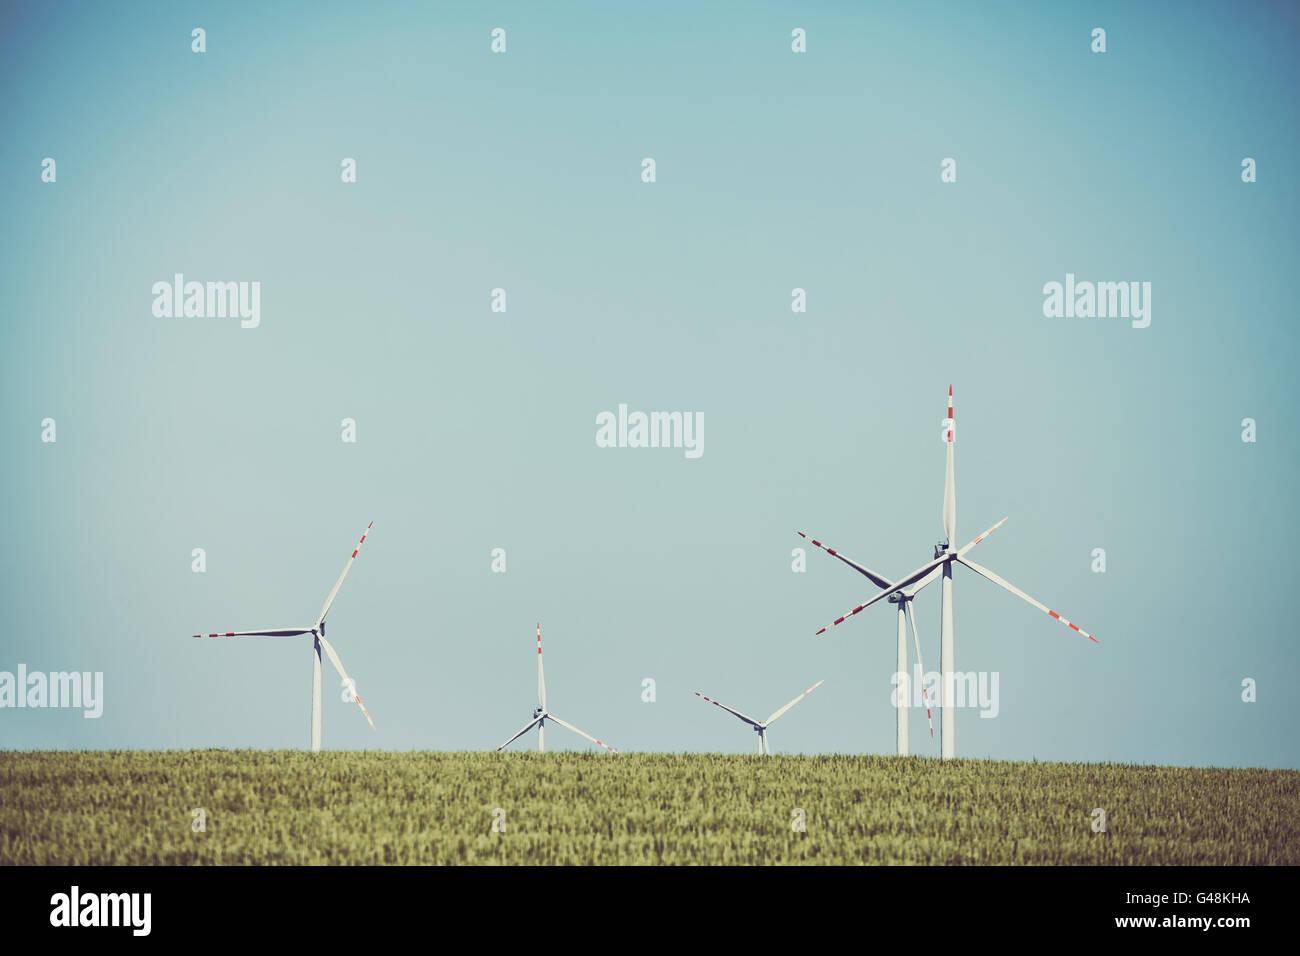 Alte Film Retro getönten Windmühlen auf einem Feld Getreide, alternative Energiekonzept. Stockbild